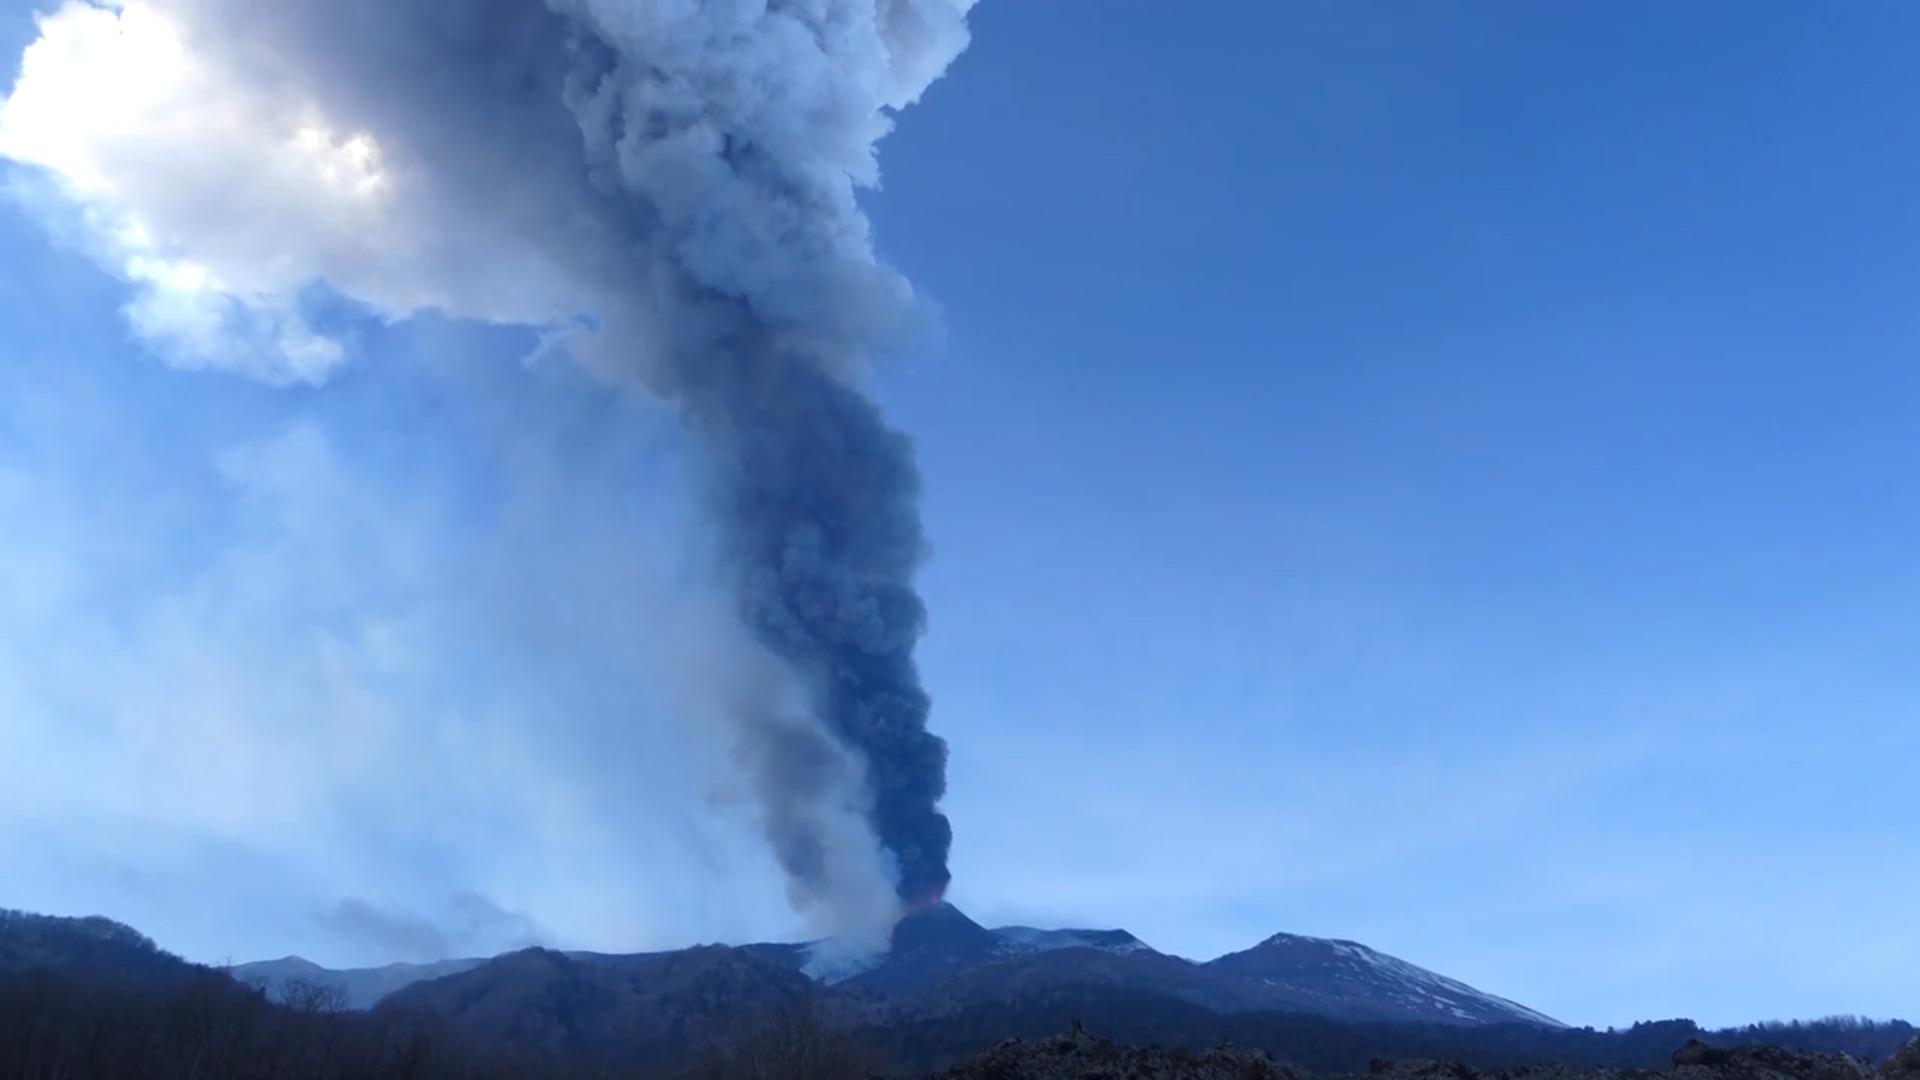 """Clip: Núi Etna """"tỉnh giấc"""", bắn dung nham hàng trăm mét lên bầu trời - Ảnh 3."""